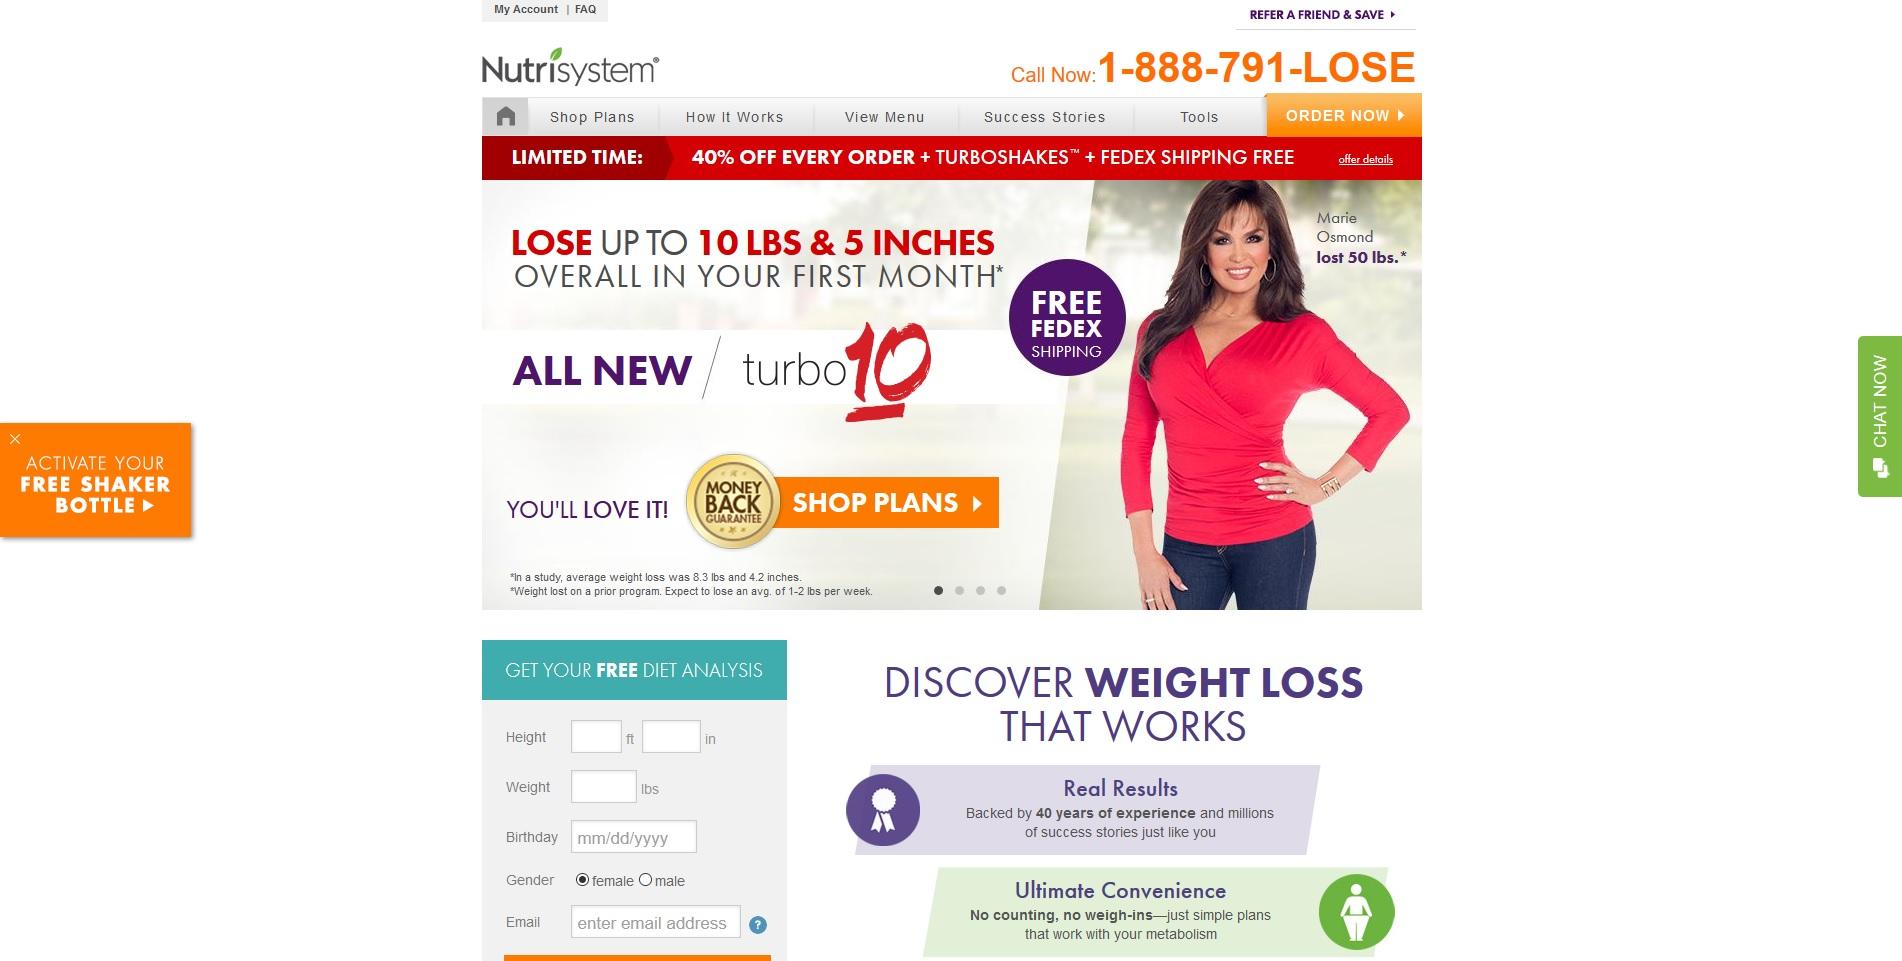 Nutrisystem - Health/Weightloss/Diet - US